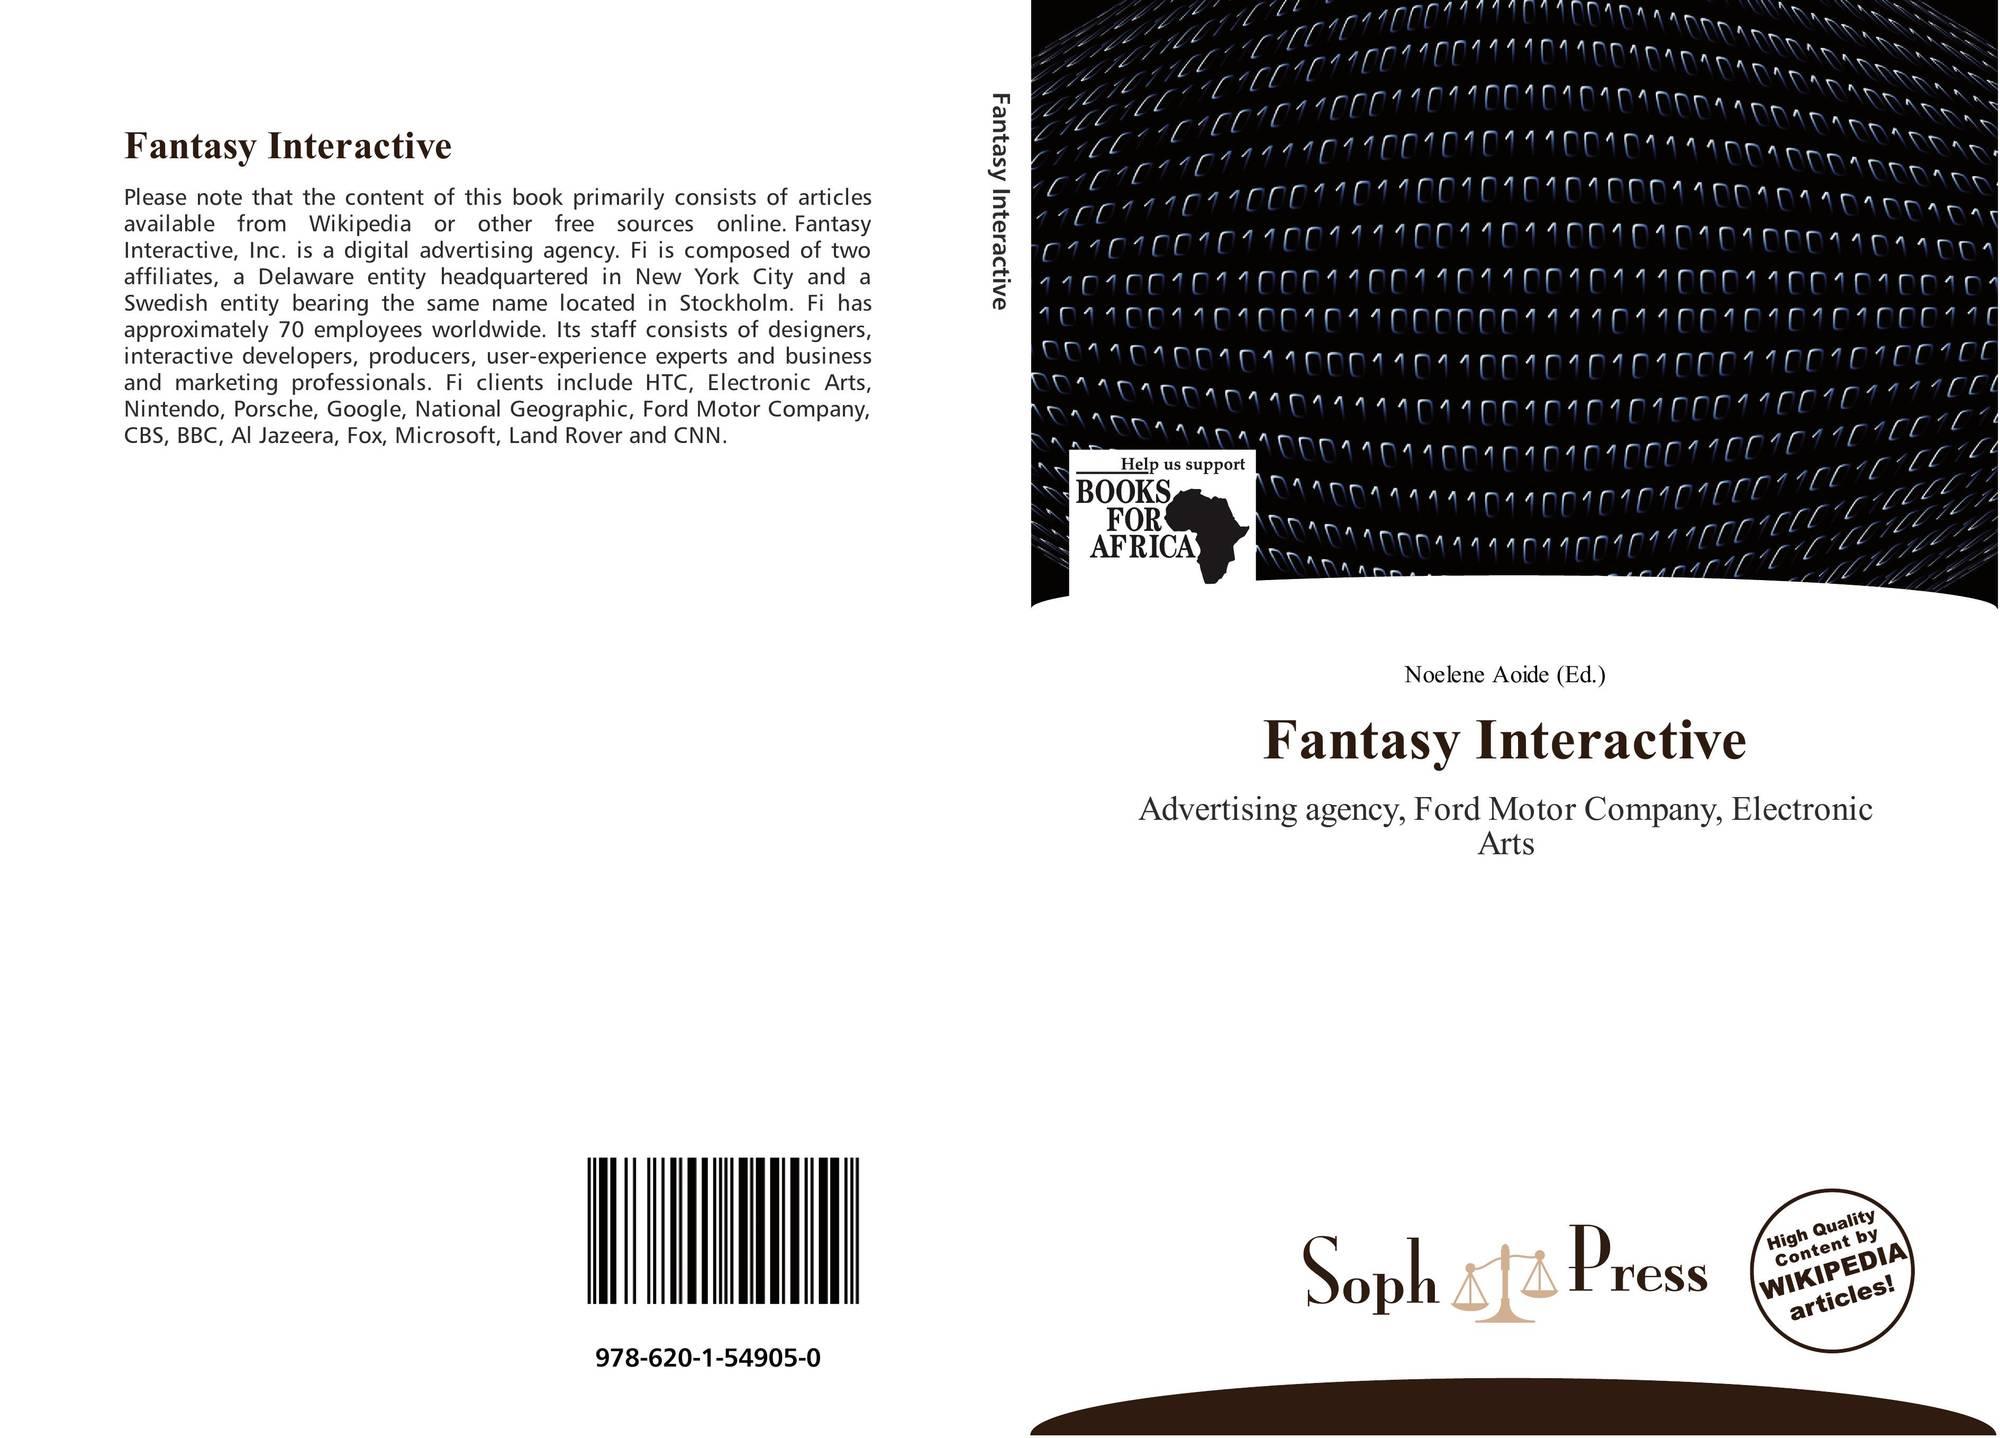 Fantasy Interactive 978 620 1 54905 0 6201549056 9786201549050